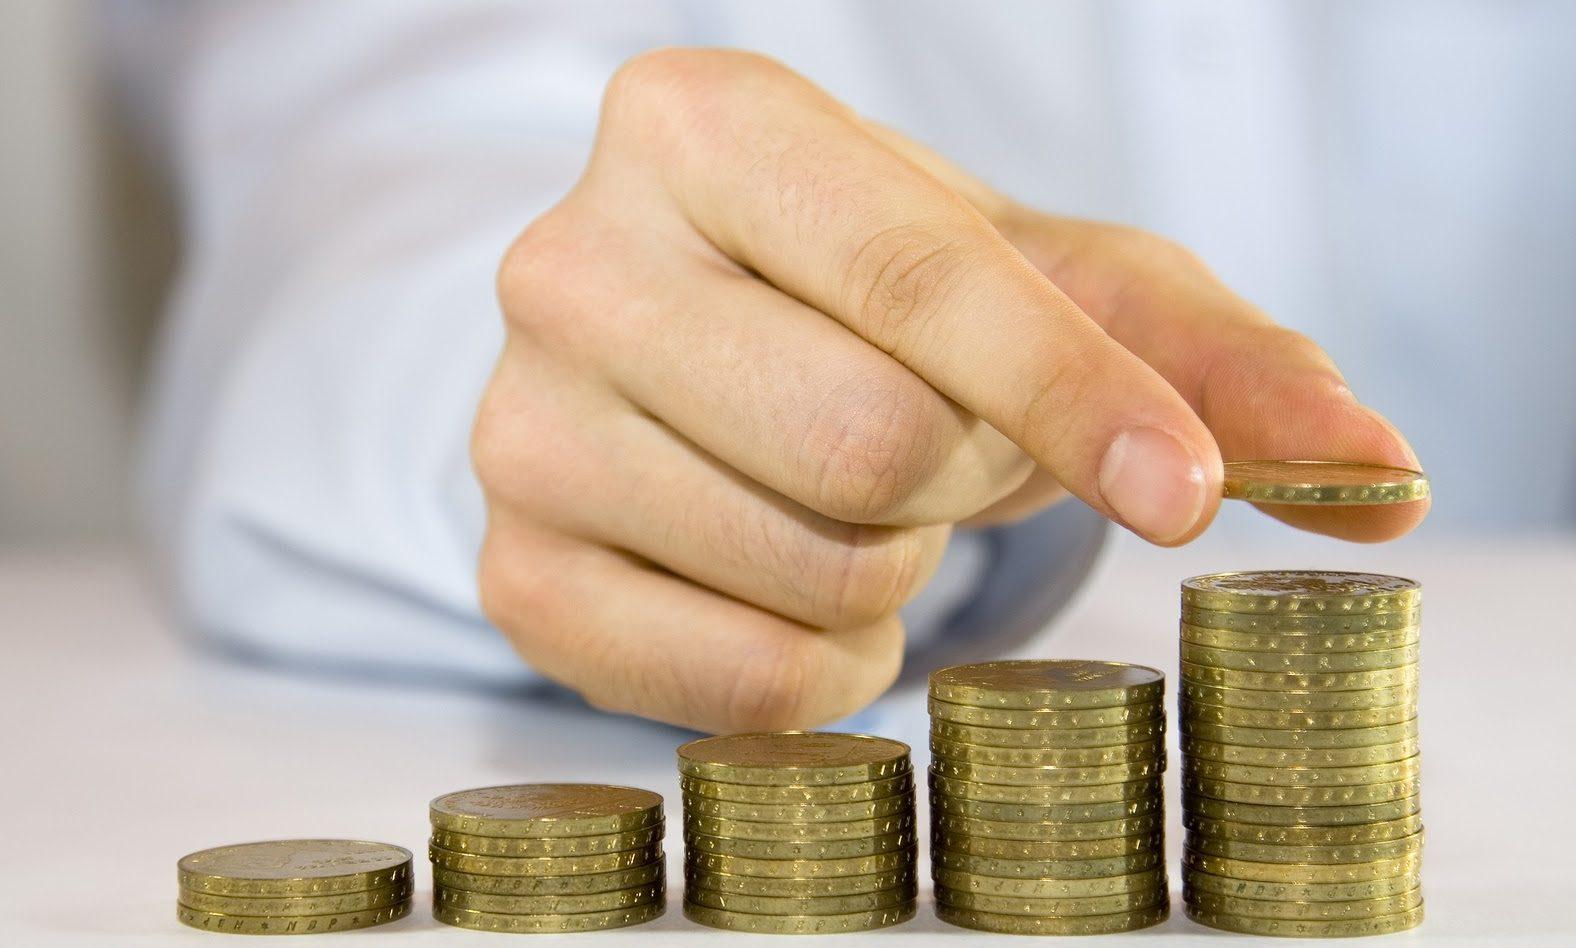 Több pénzt akarsz keresni, vagy inkább kifogásokat? - Methinks